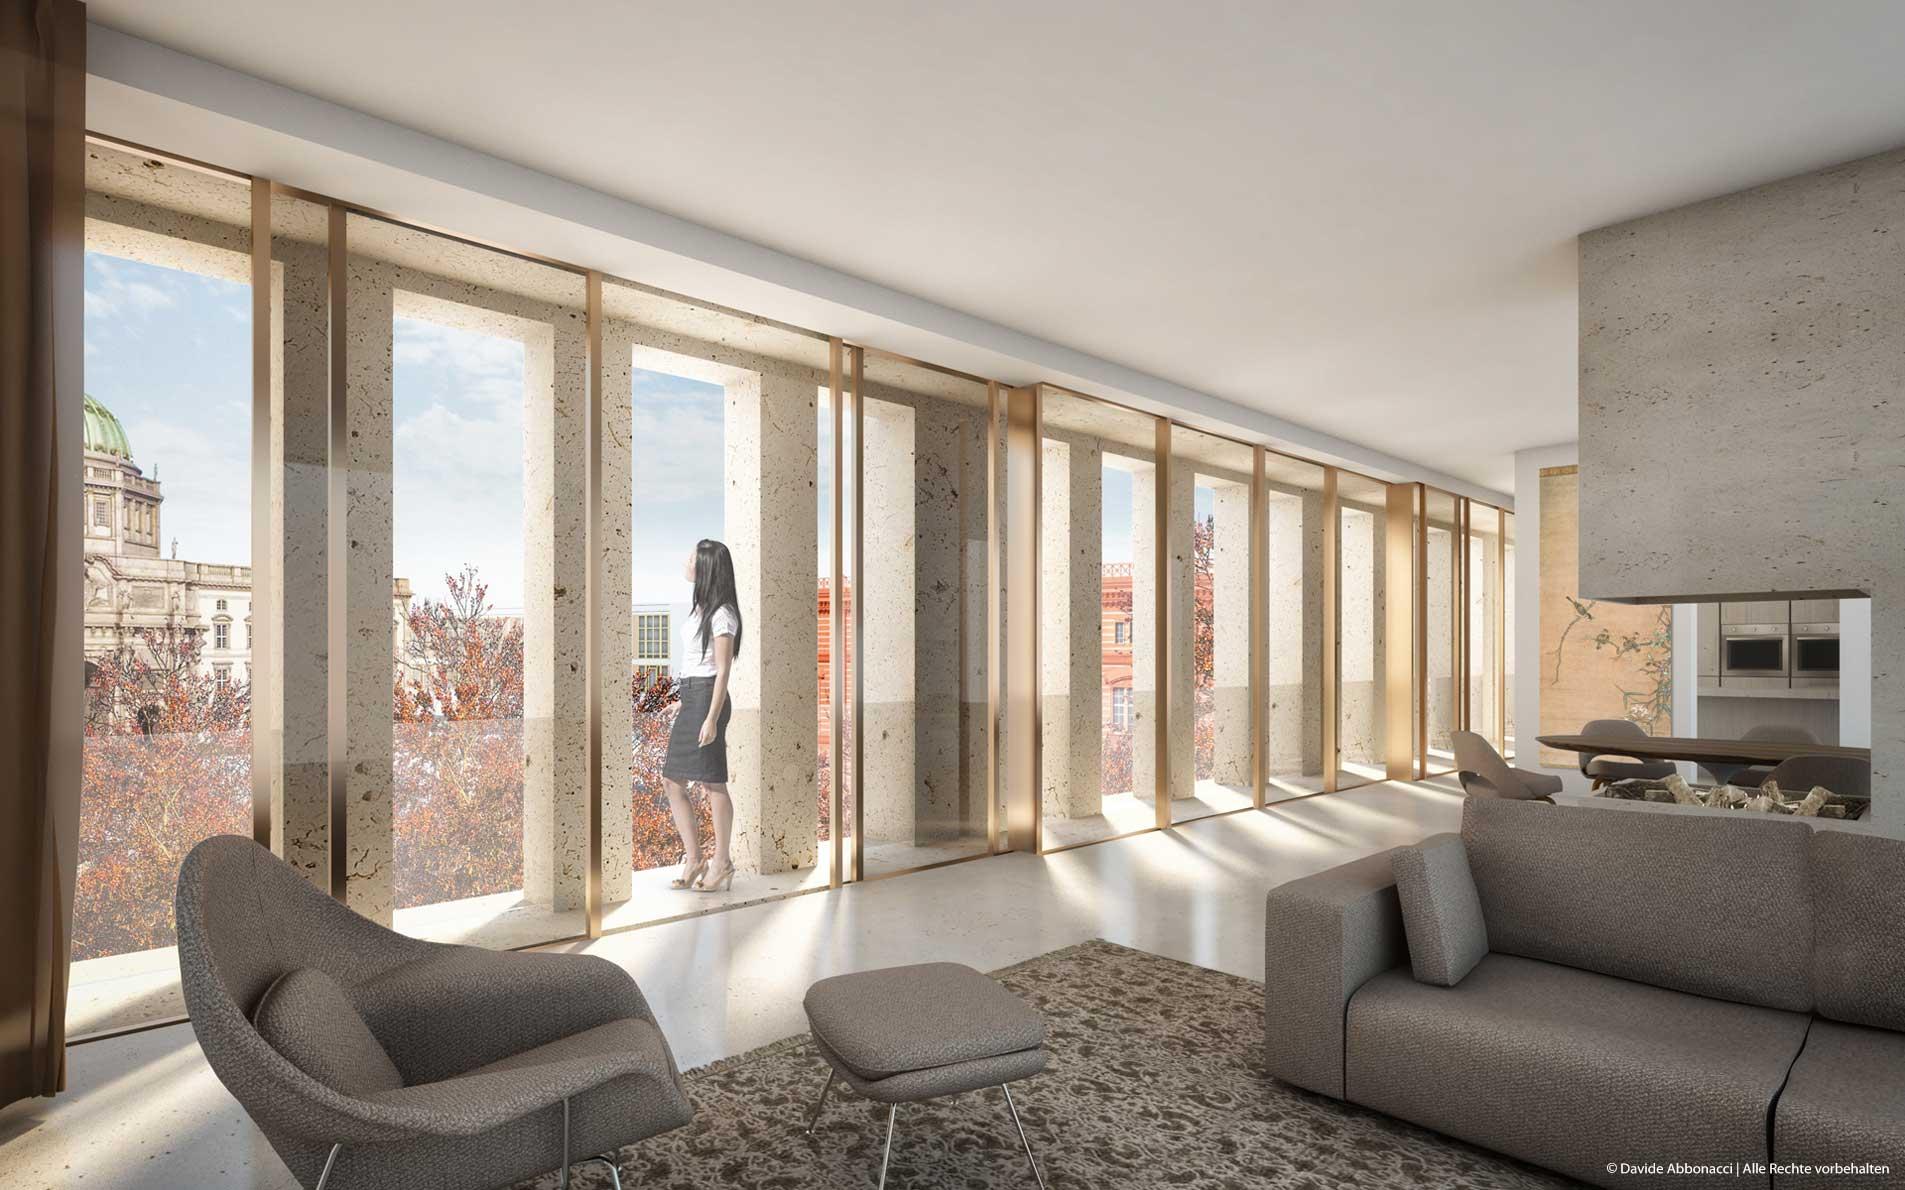 3d visualisierung berlin 3d visualisierung berlin. Black Bedroom Furniture Sets. Home Design Ideas